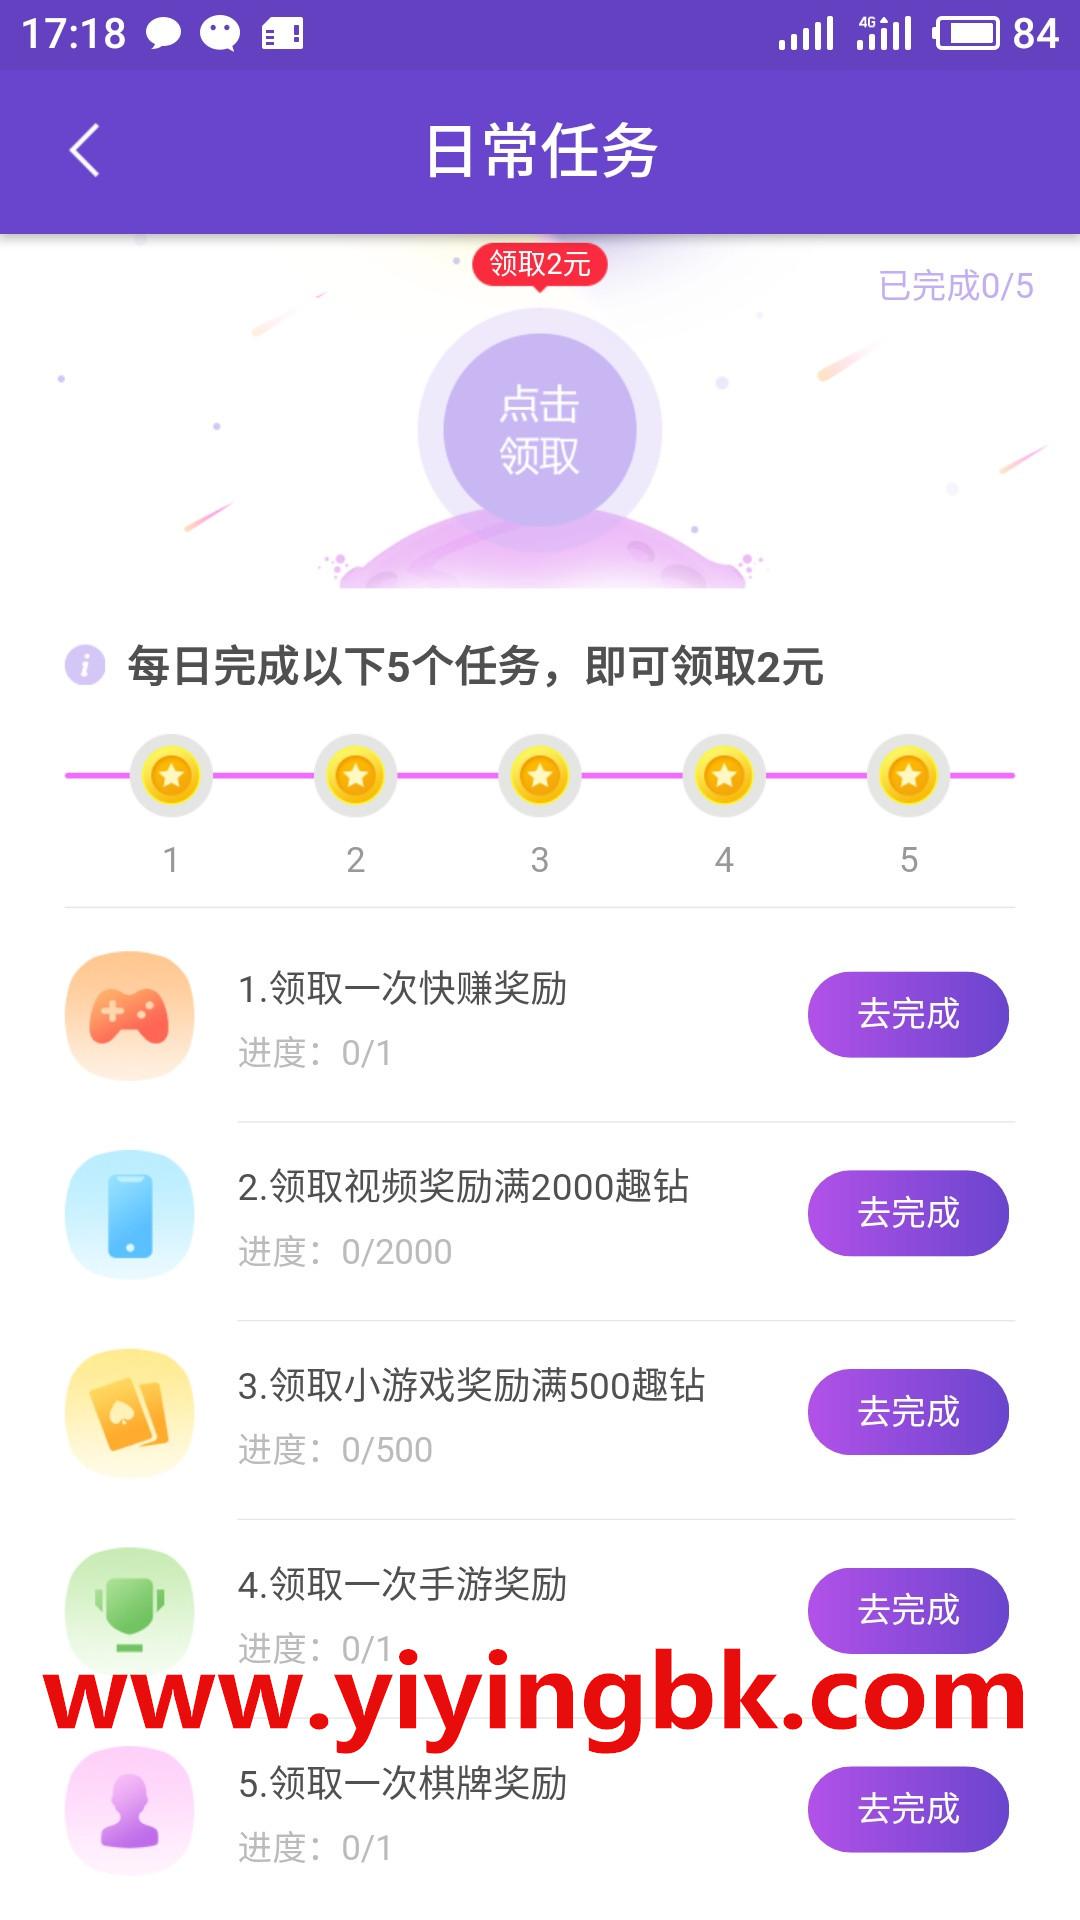 日常任务,每天免费领取2元红包,可以提现微信和支付宝。www.yiyingbk.com